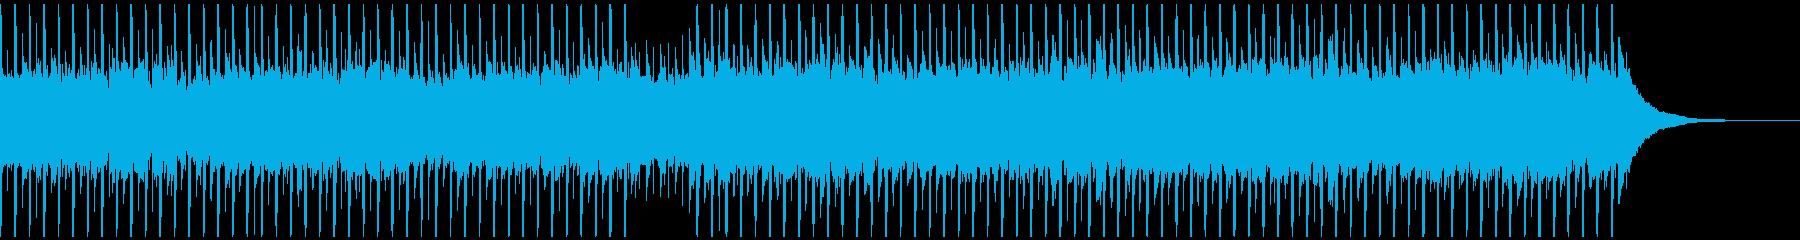 仕事(60秒)の再生済みの波形